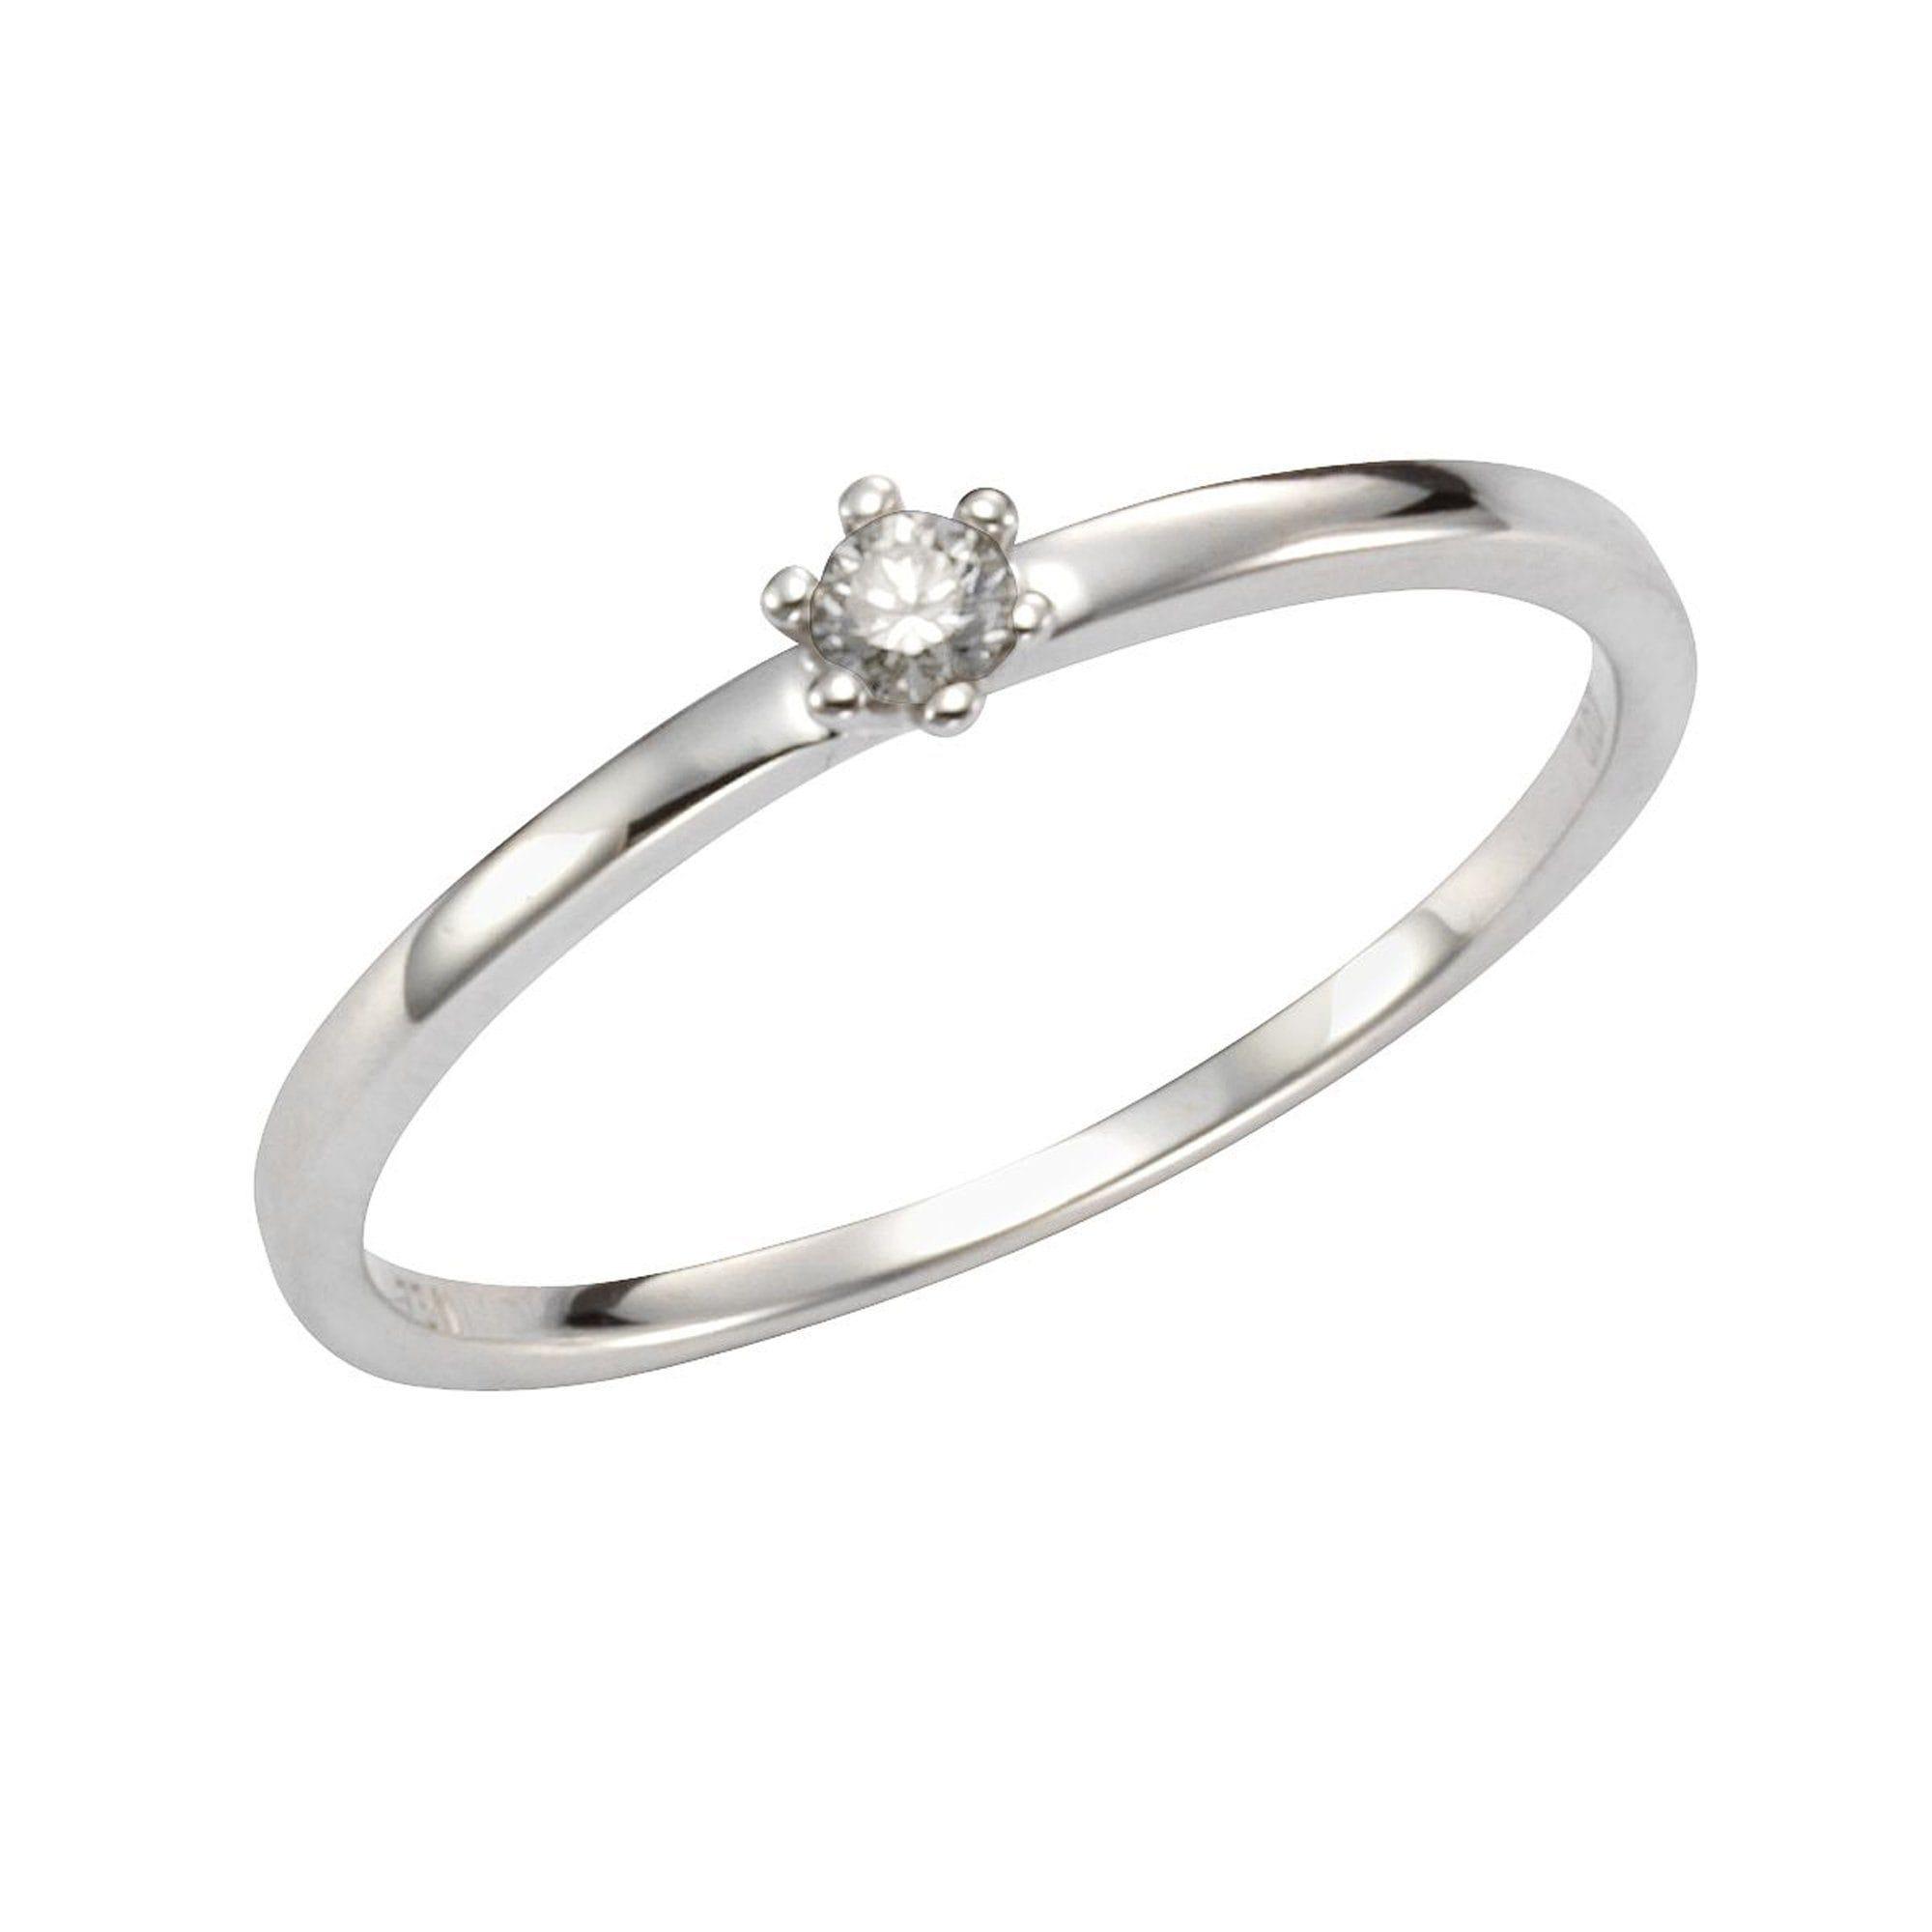 Orolino Ring 585/- Weißgold Brillant | Schmuck > Ringe > Goldringe | Weiß | Orolino